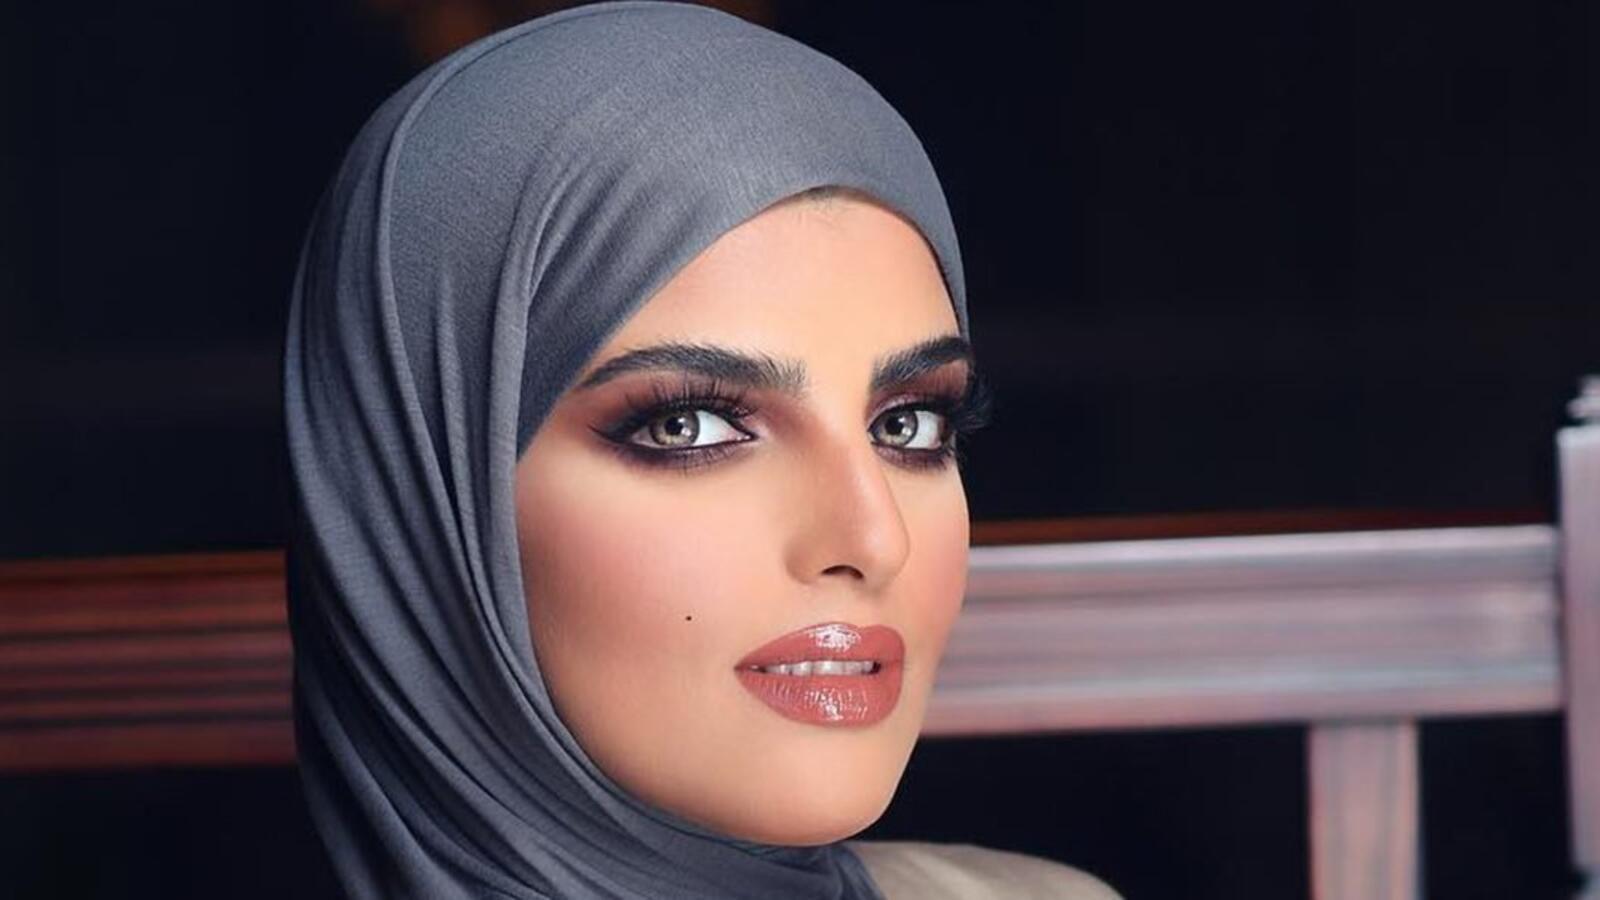 سارة الودعاني تستعرض حملها الثاني بصور جديدة شاهدي Fashion Hijab